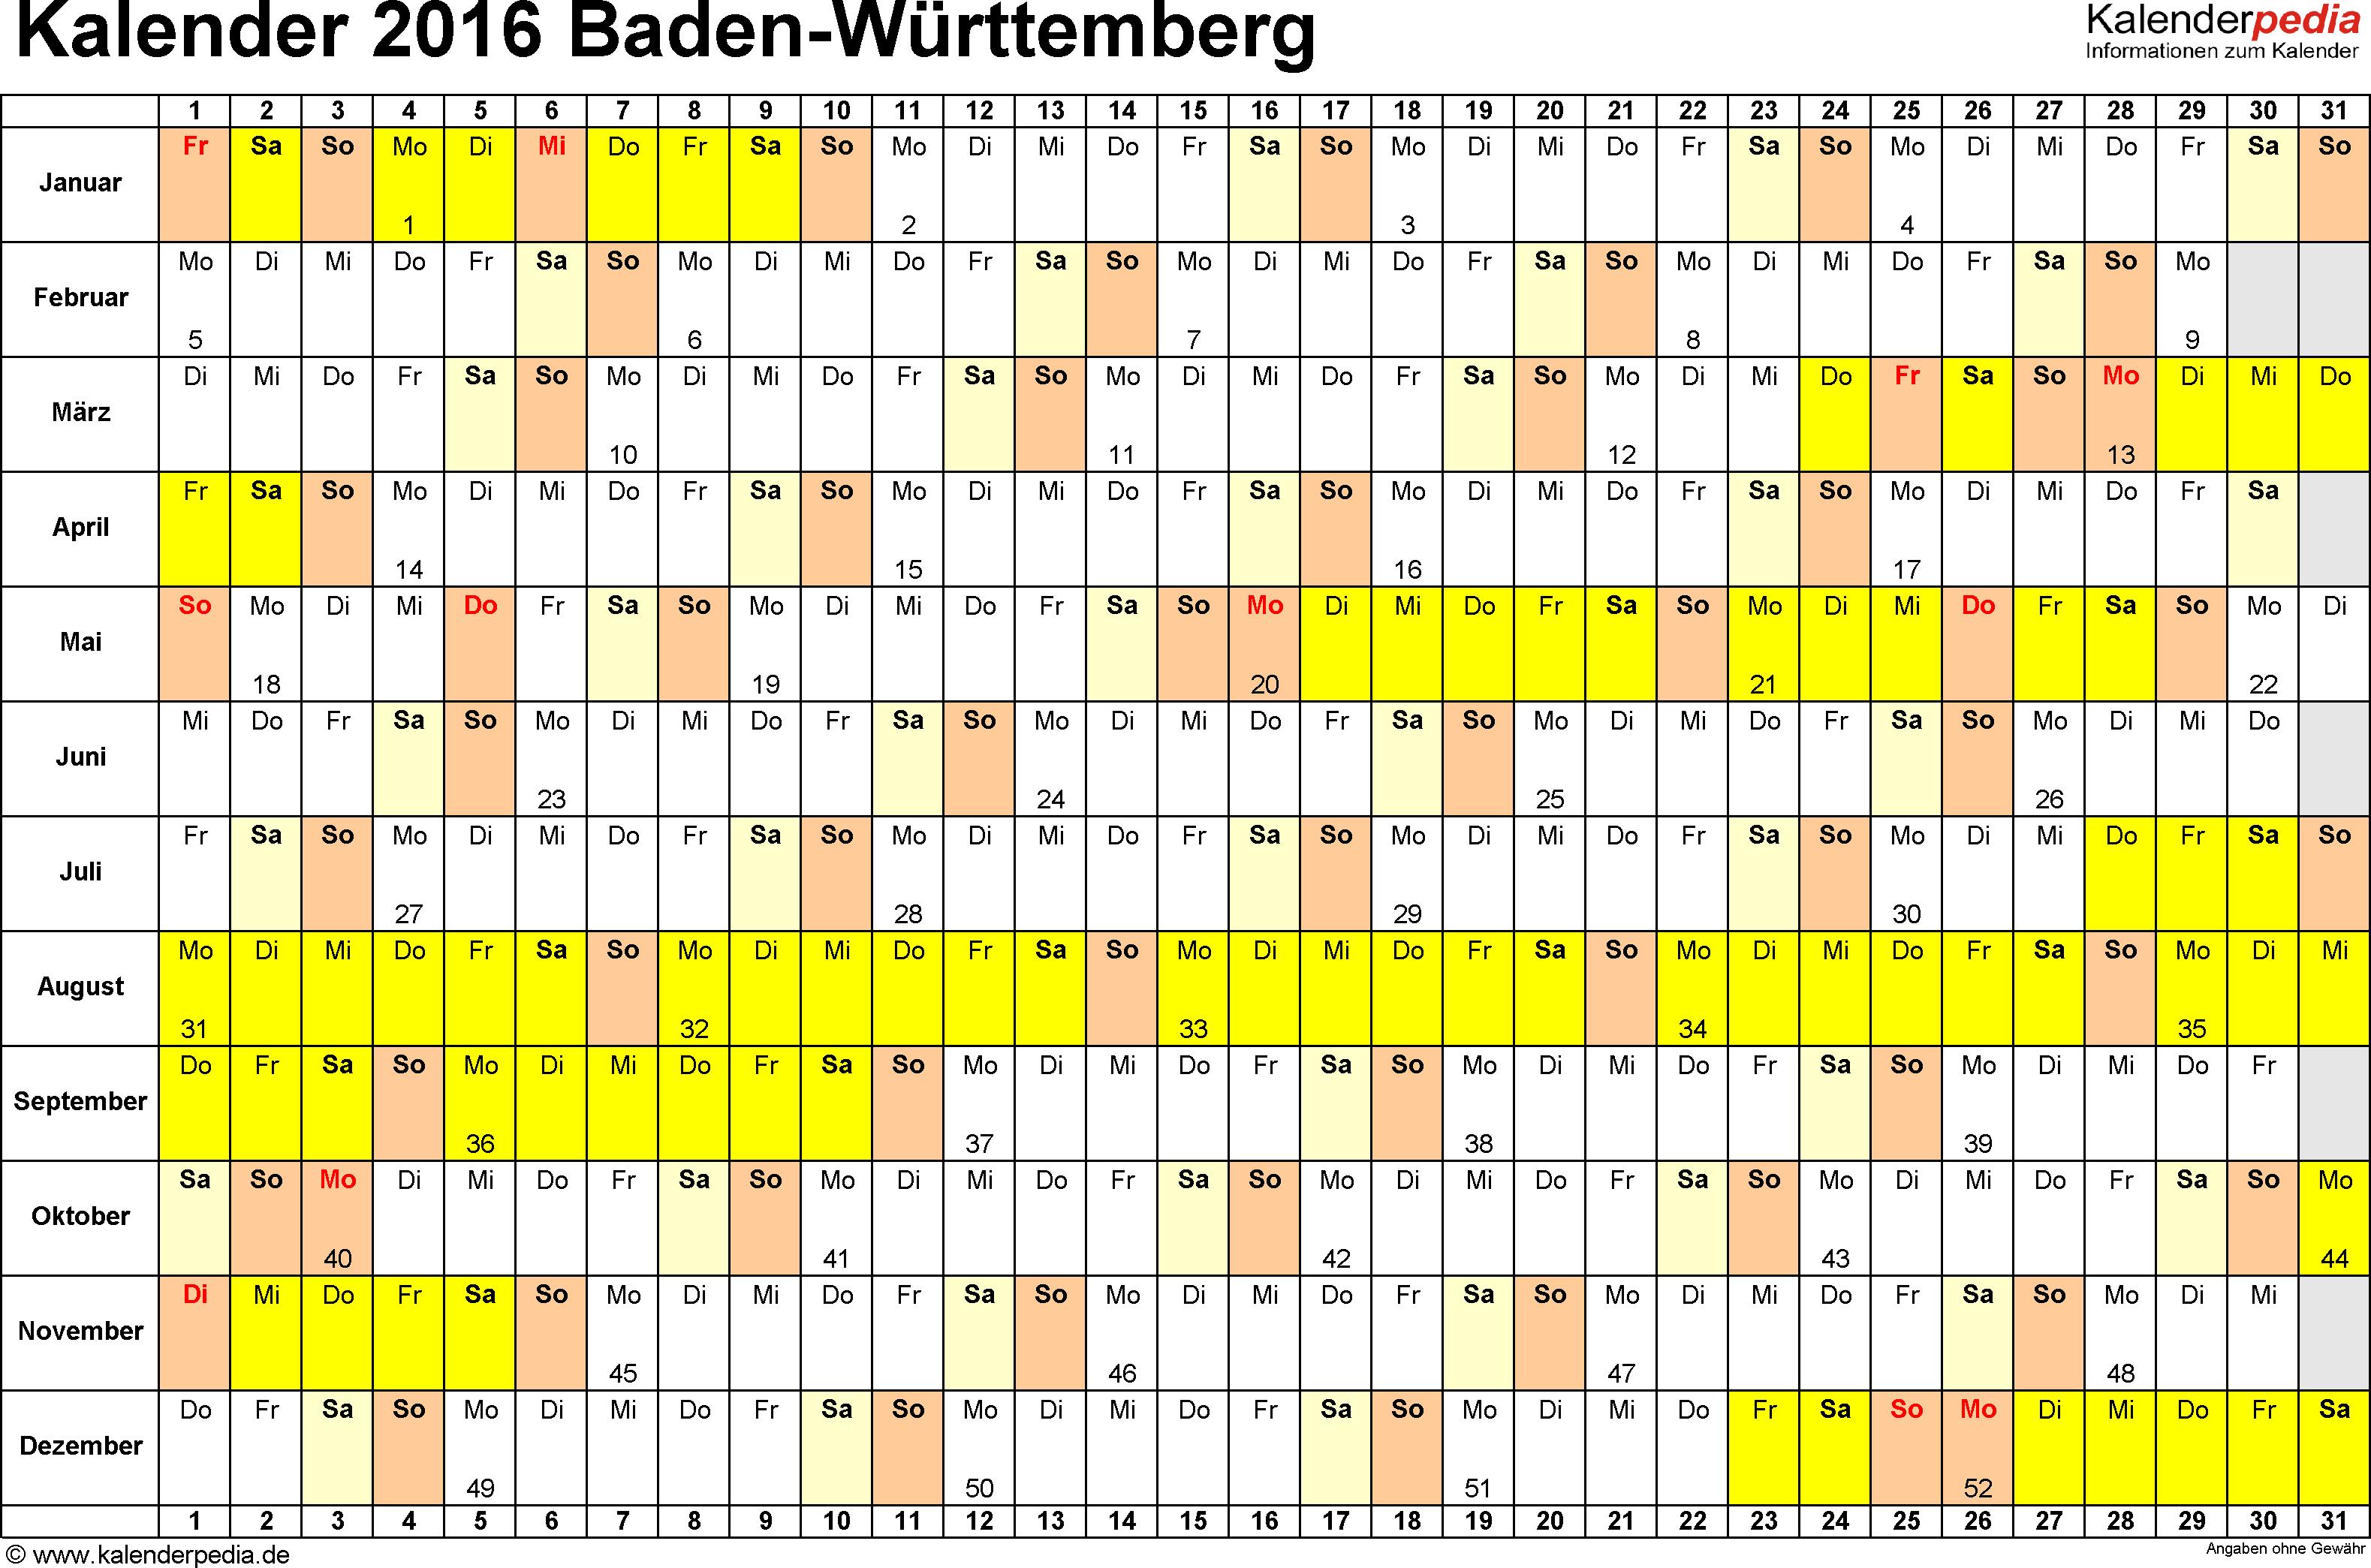 Vorlage 2: Kalender Baden-Württemberg 2016 im Querformat, Tage nebeneinander